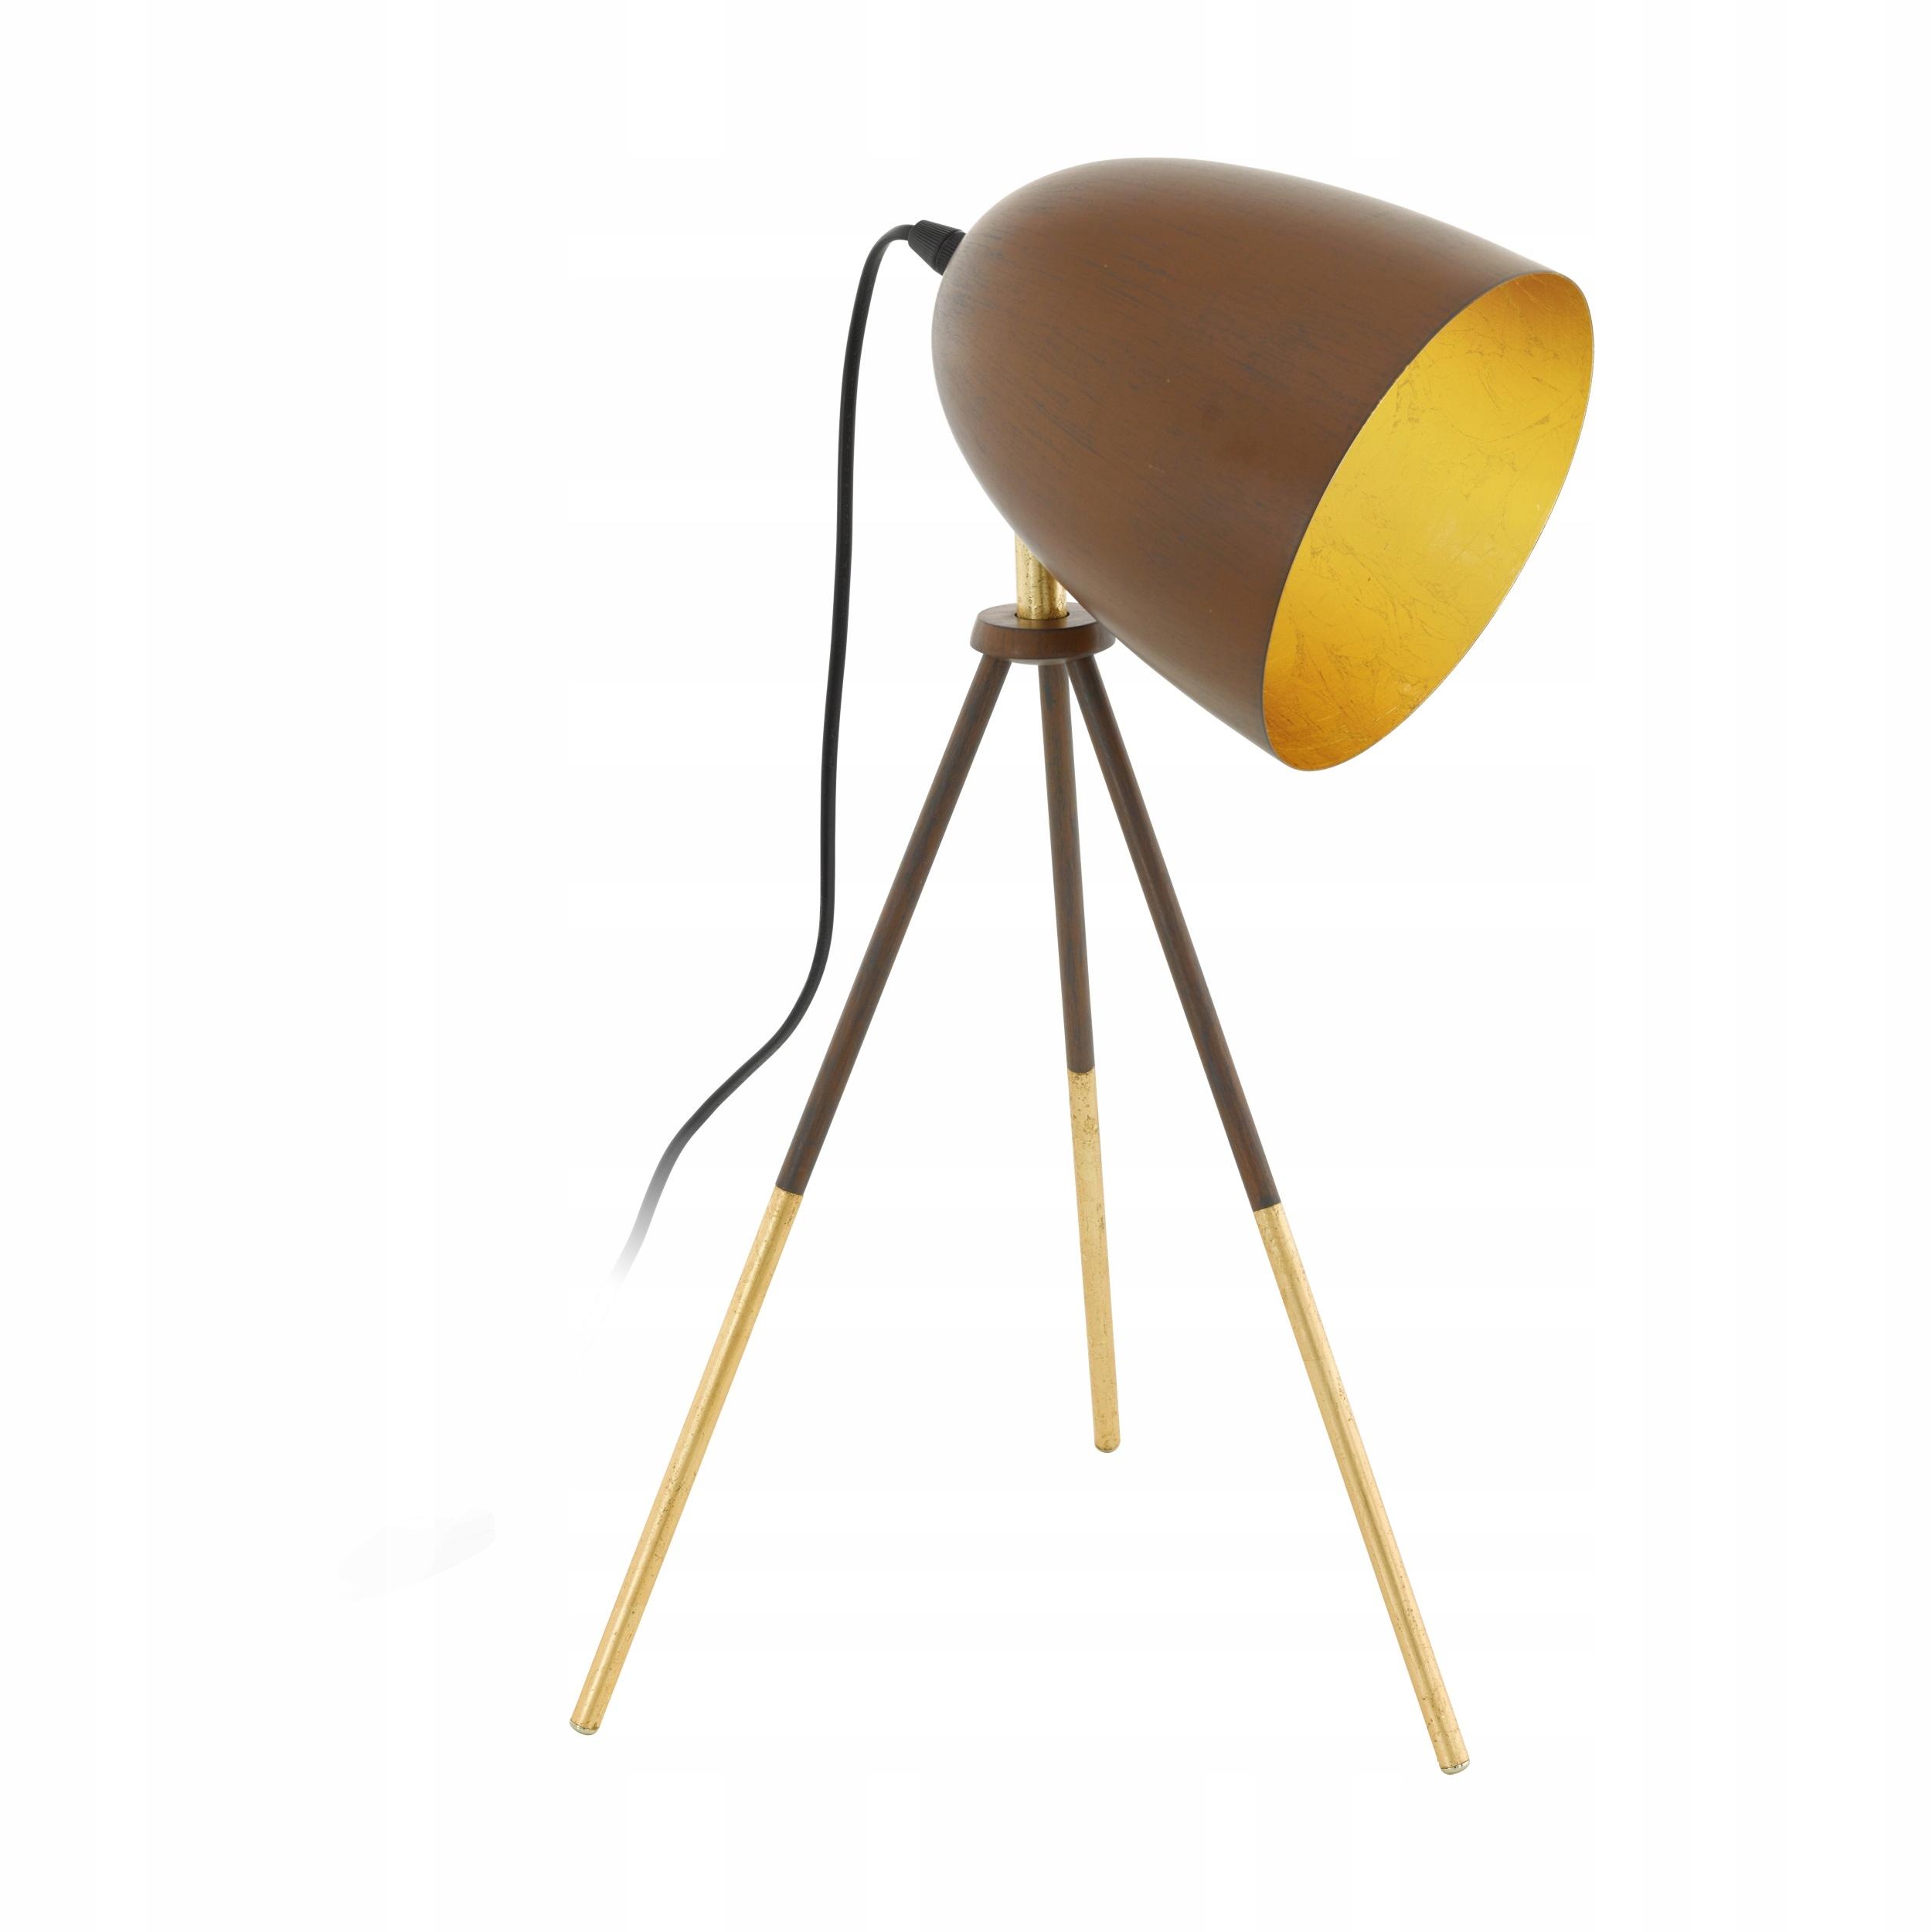 Eglo CHESTER 49518 lampa stolná Lampa 1x60W/E27